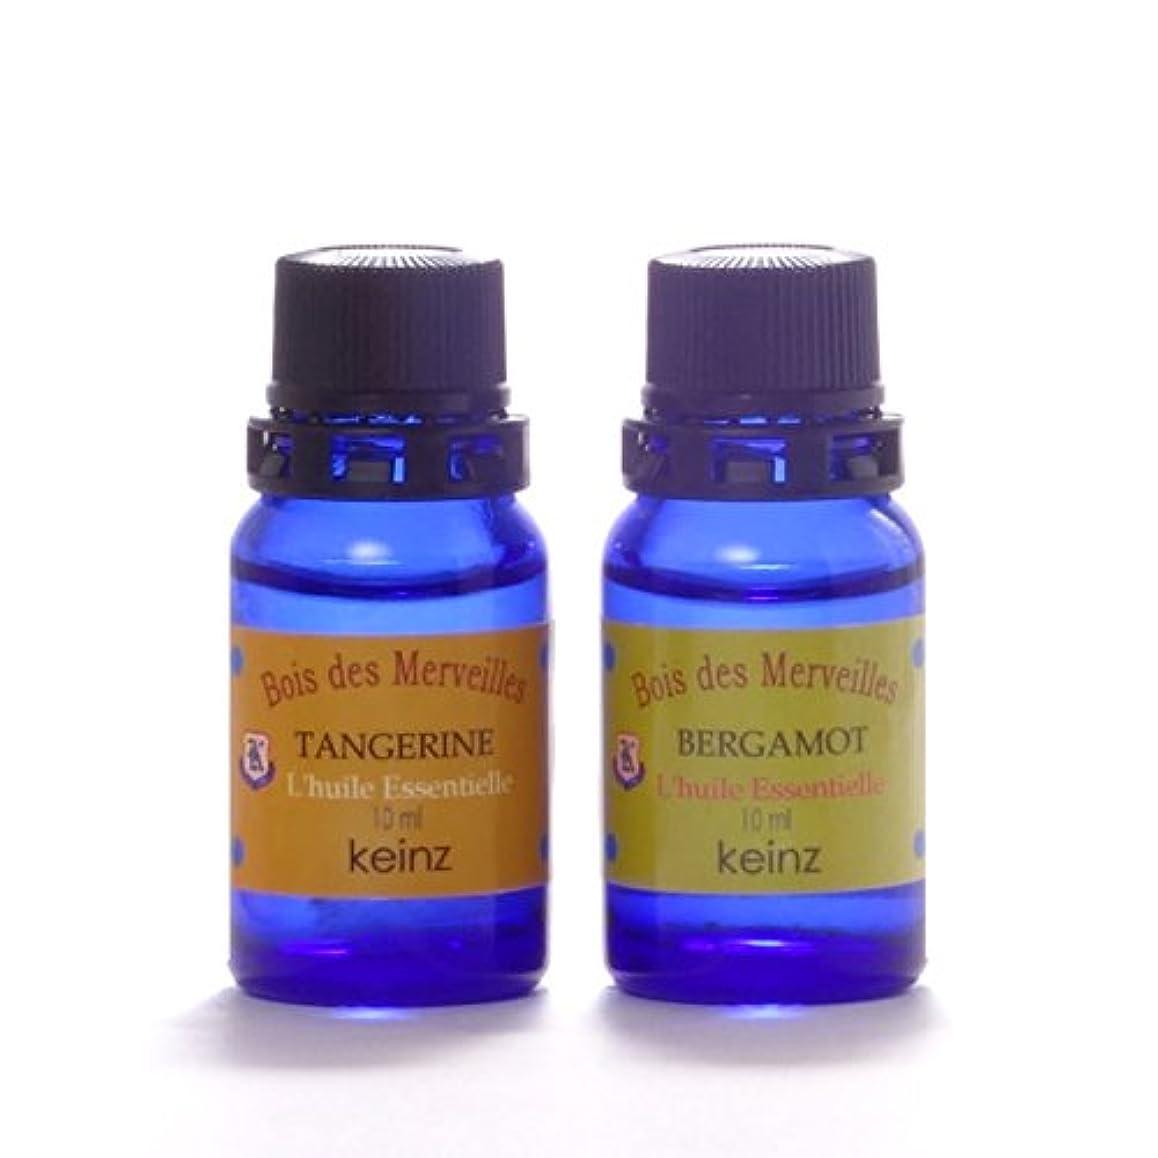 カバレッジ競う浴室keinzエッセンシャルオイル「タンジェリン10ml&ベルガモット10ml」2種1セット ケインズ正規品 製造国アメリカ 水蒸気蒸留法による100%無添加精油 人工香料は使っていません。